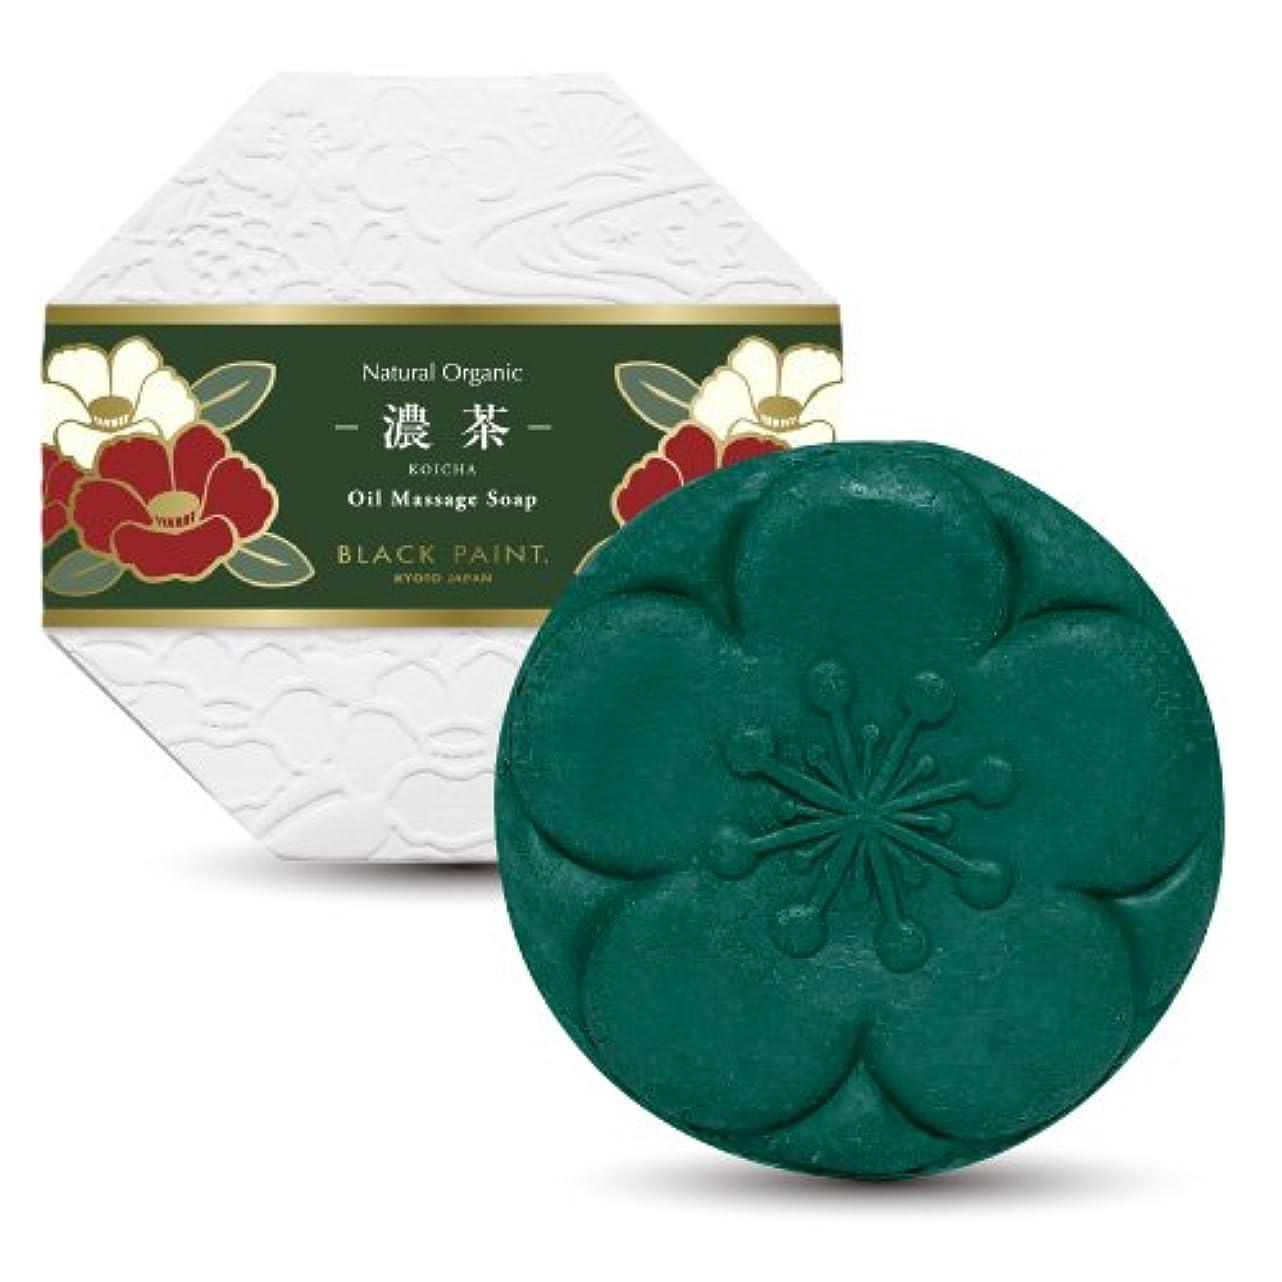 住所バルコニー雨の京のお茶石鹸 濃茶 120g 塗る石鹸